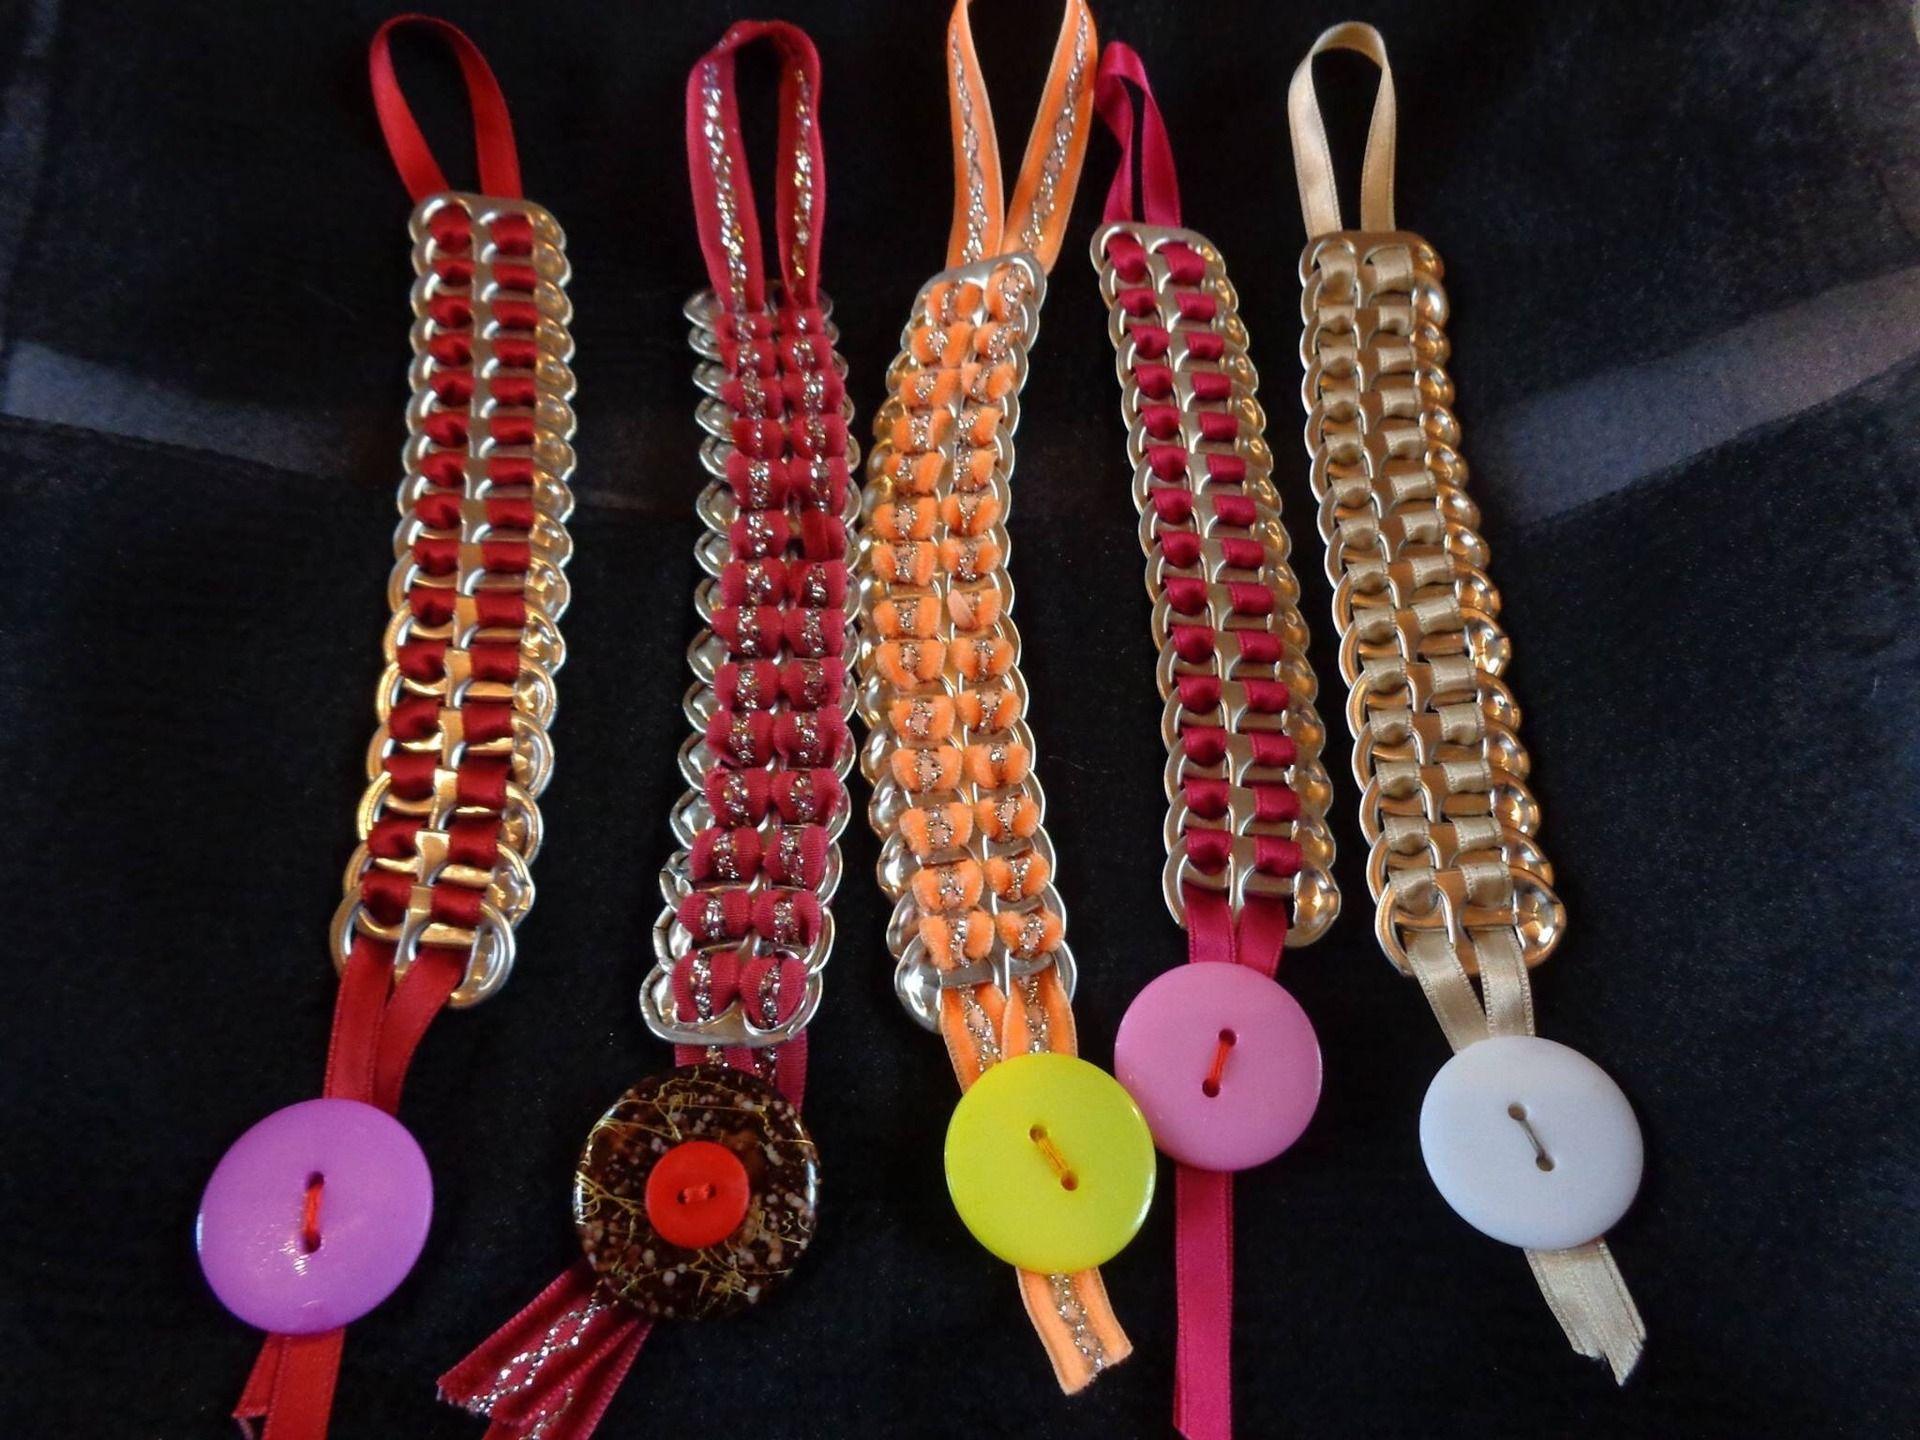 baskets plus récent mieux Bracelet recup réalisé avec rubans et capsules de canettes ...